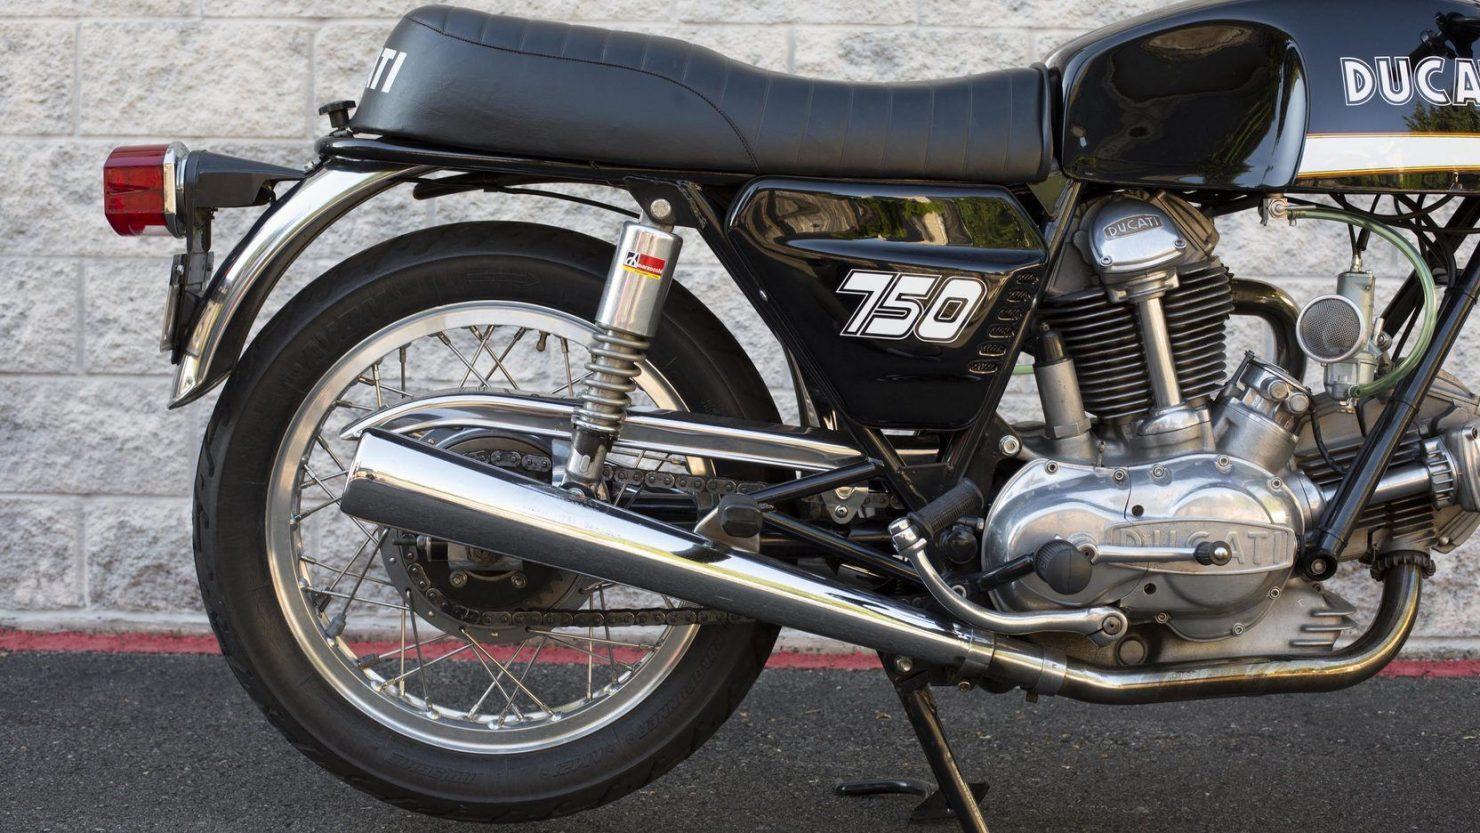 ducati 750gt 7 1480x833 - Original Sandcast 1971 Ducati 750 GT